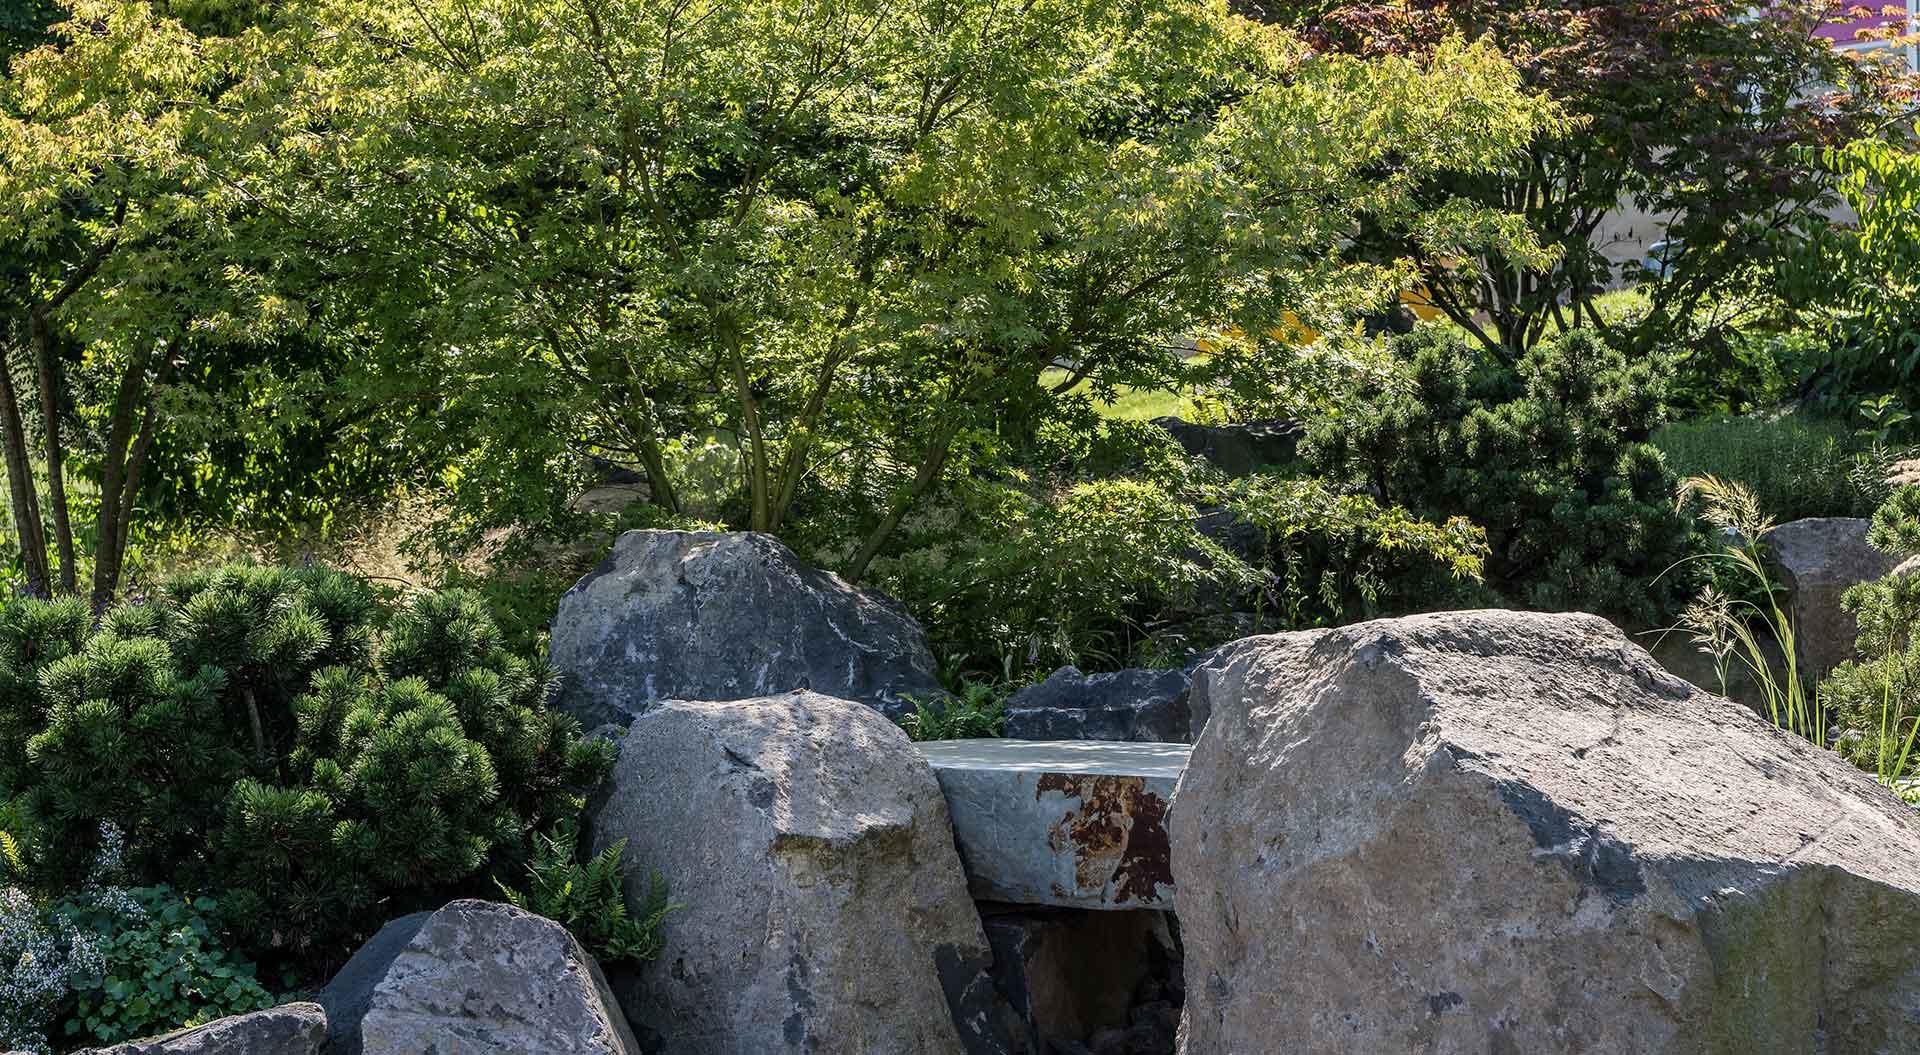 Große Natursteine zwischen Büschen und Bäumen